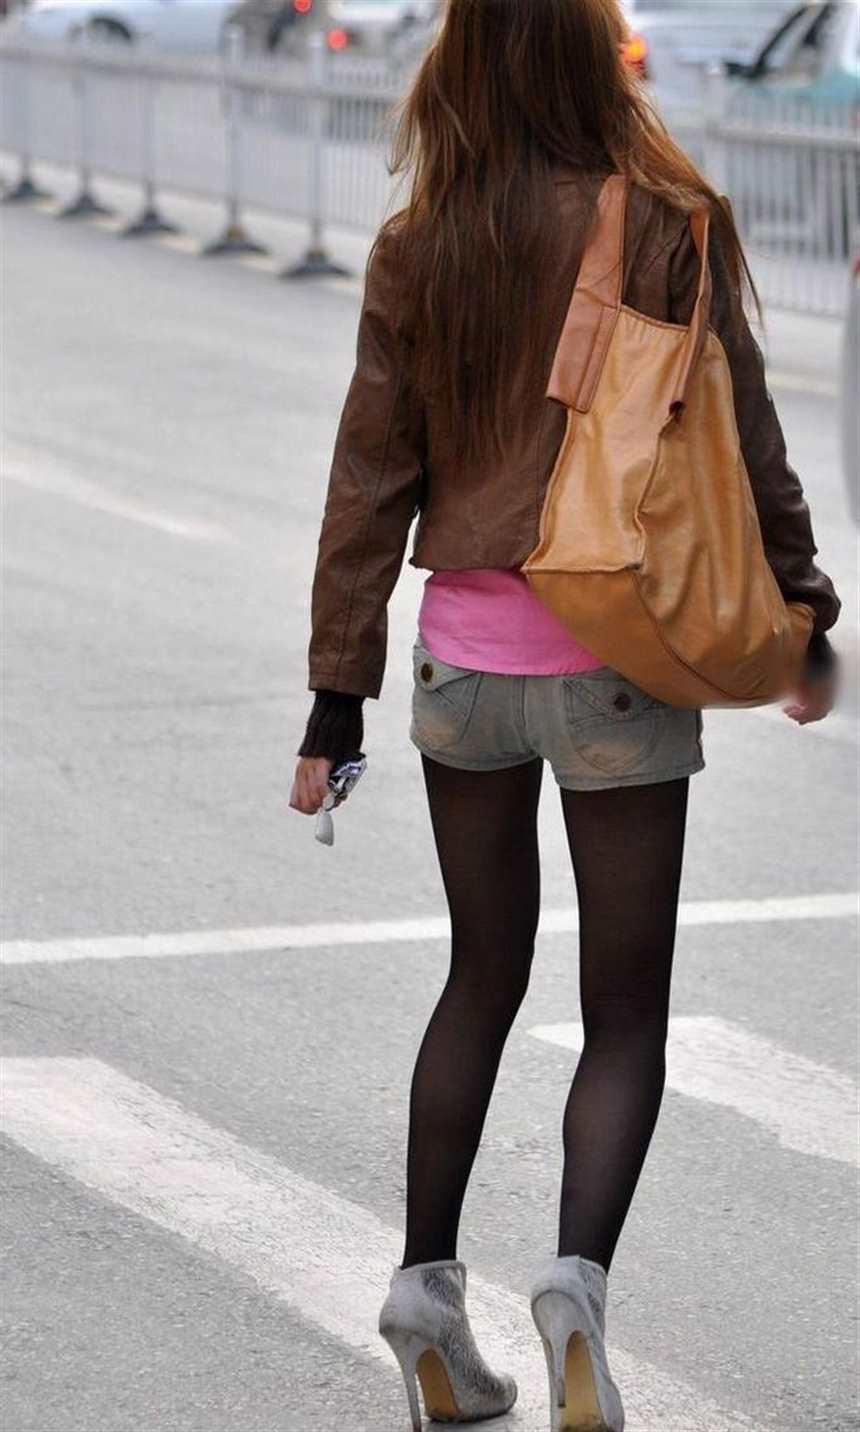 街拍牛仔短裤时尚丝袜美女(点击浏览下一张趣图)